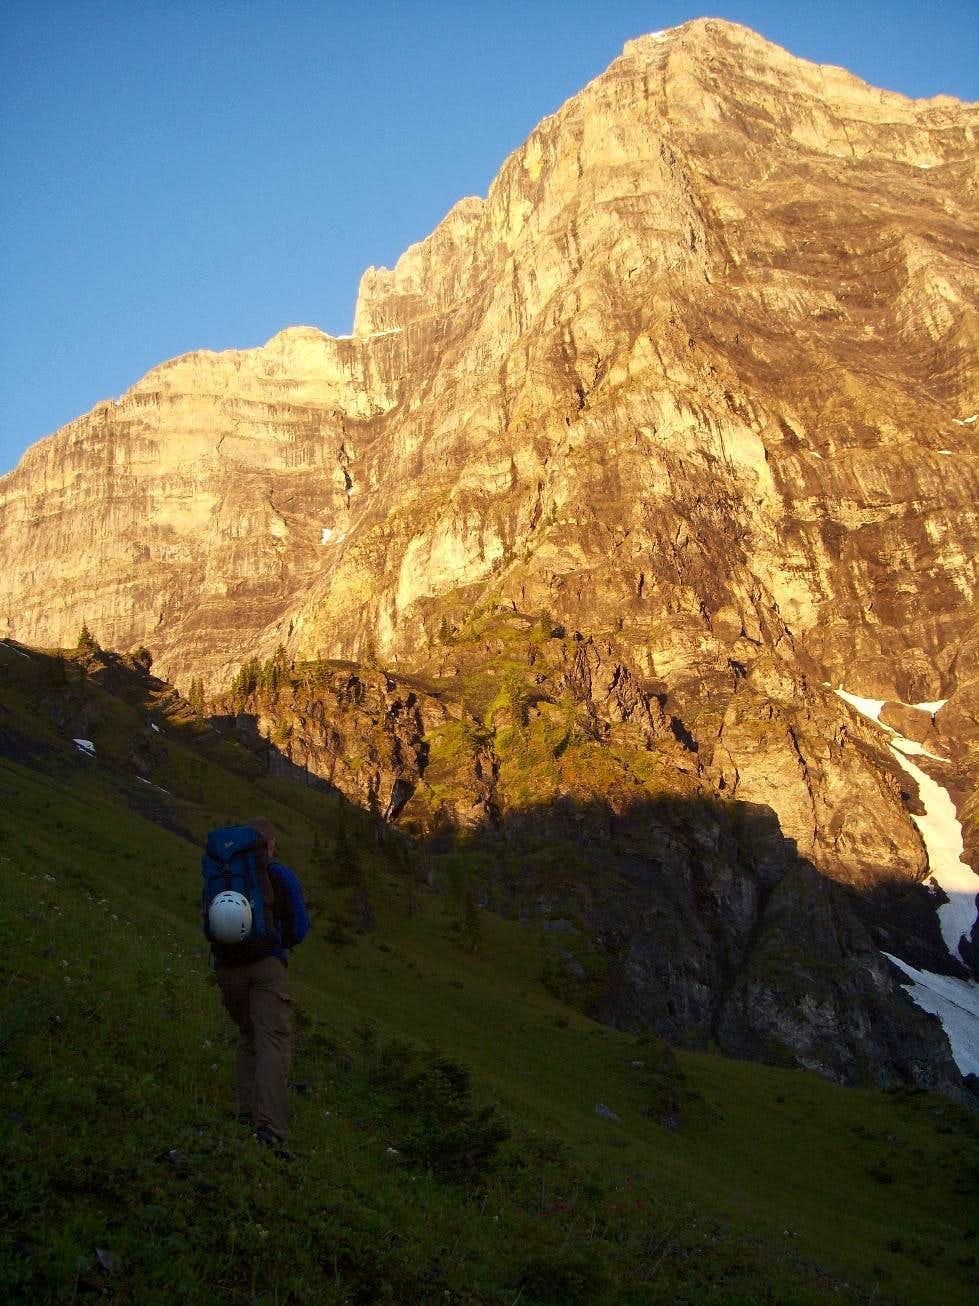 Mount Sarrail